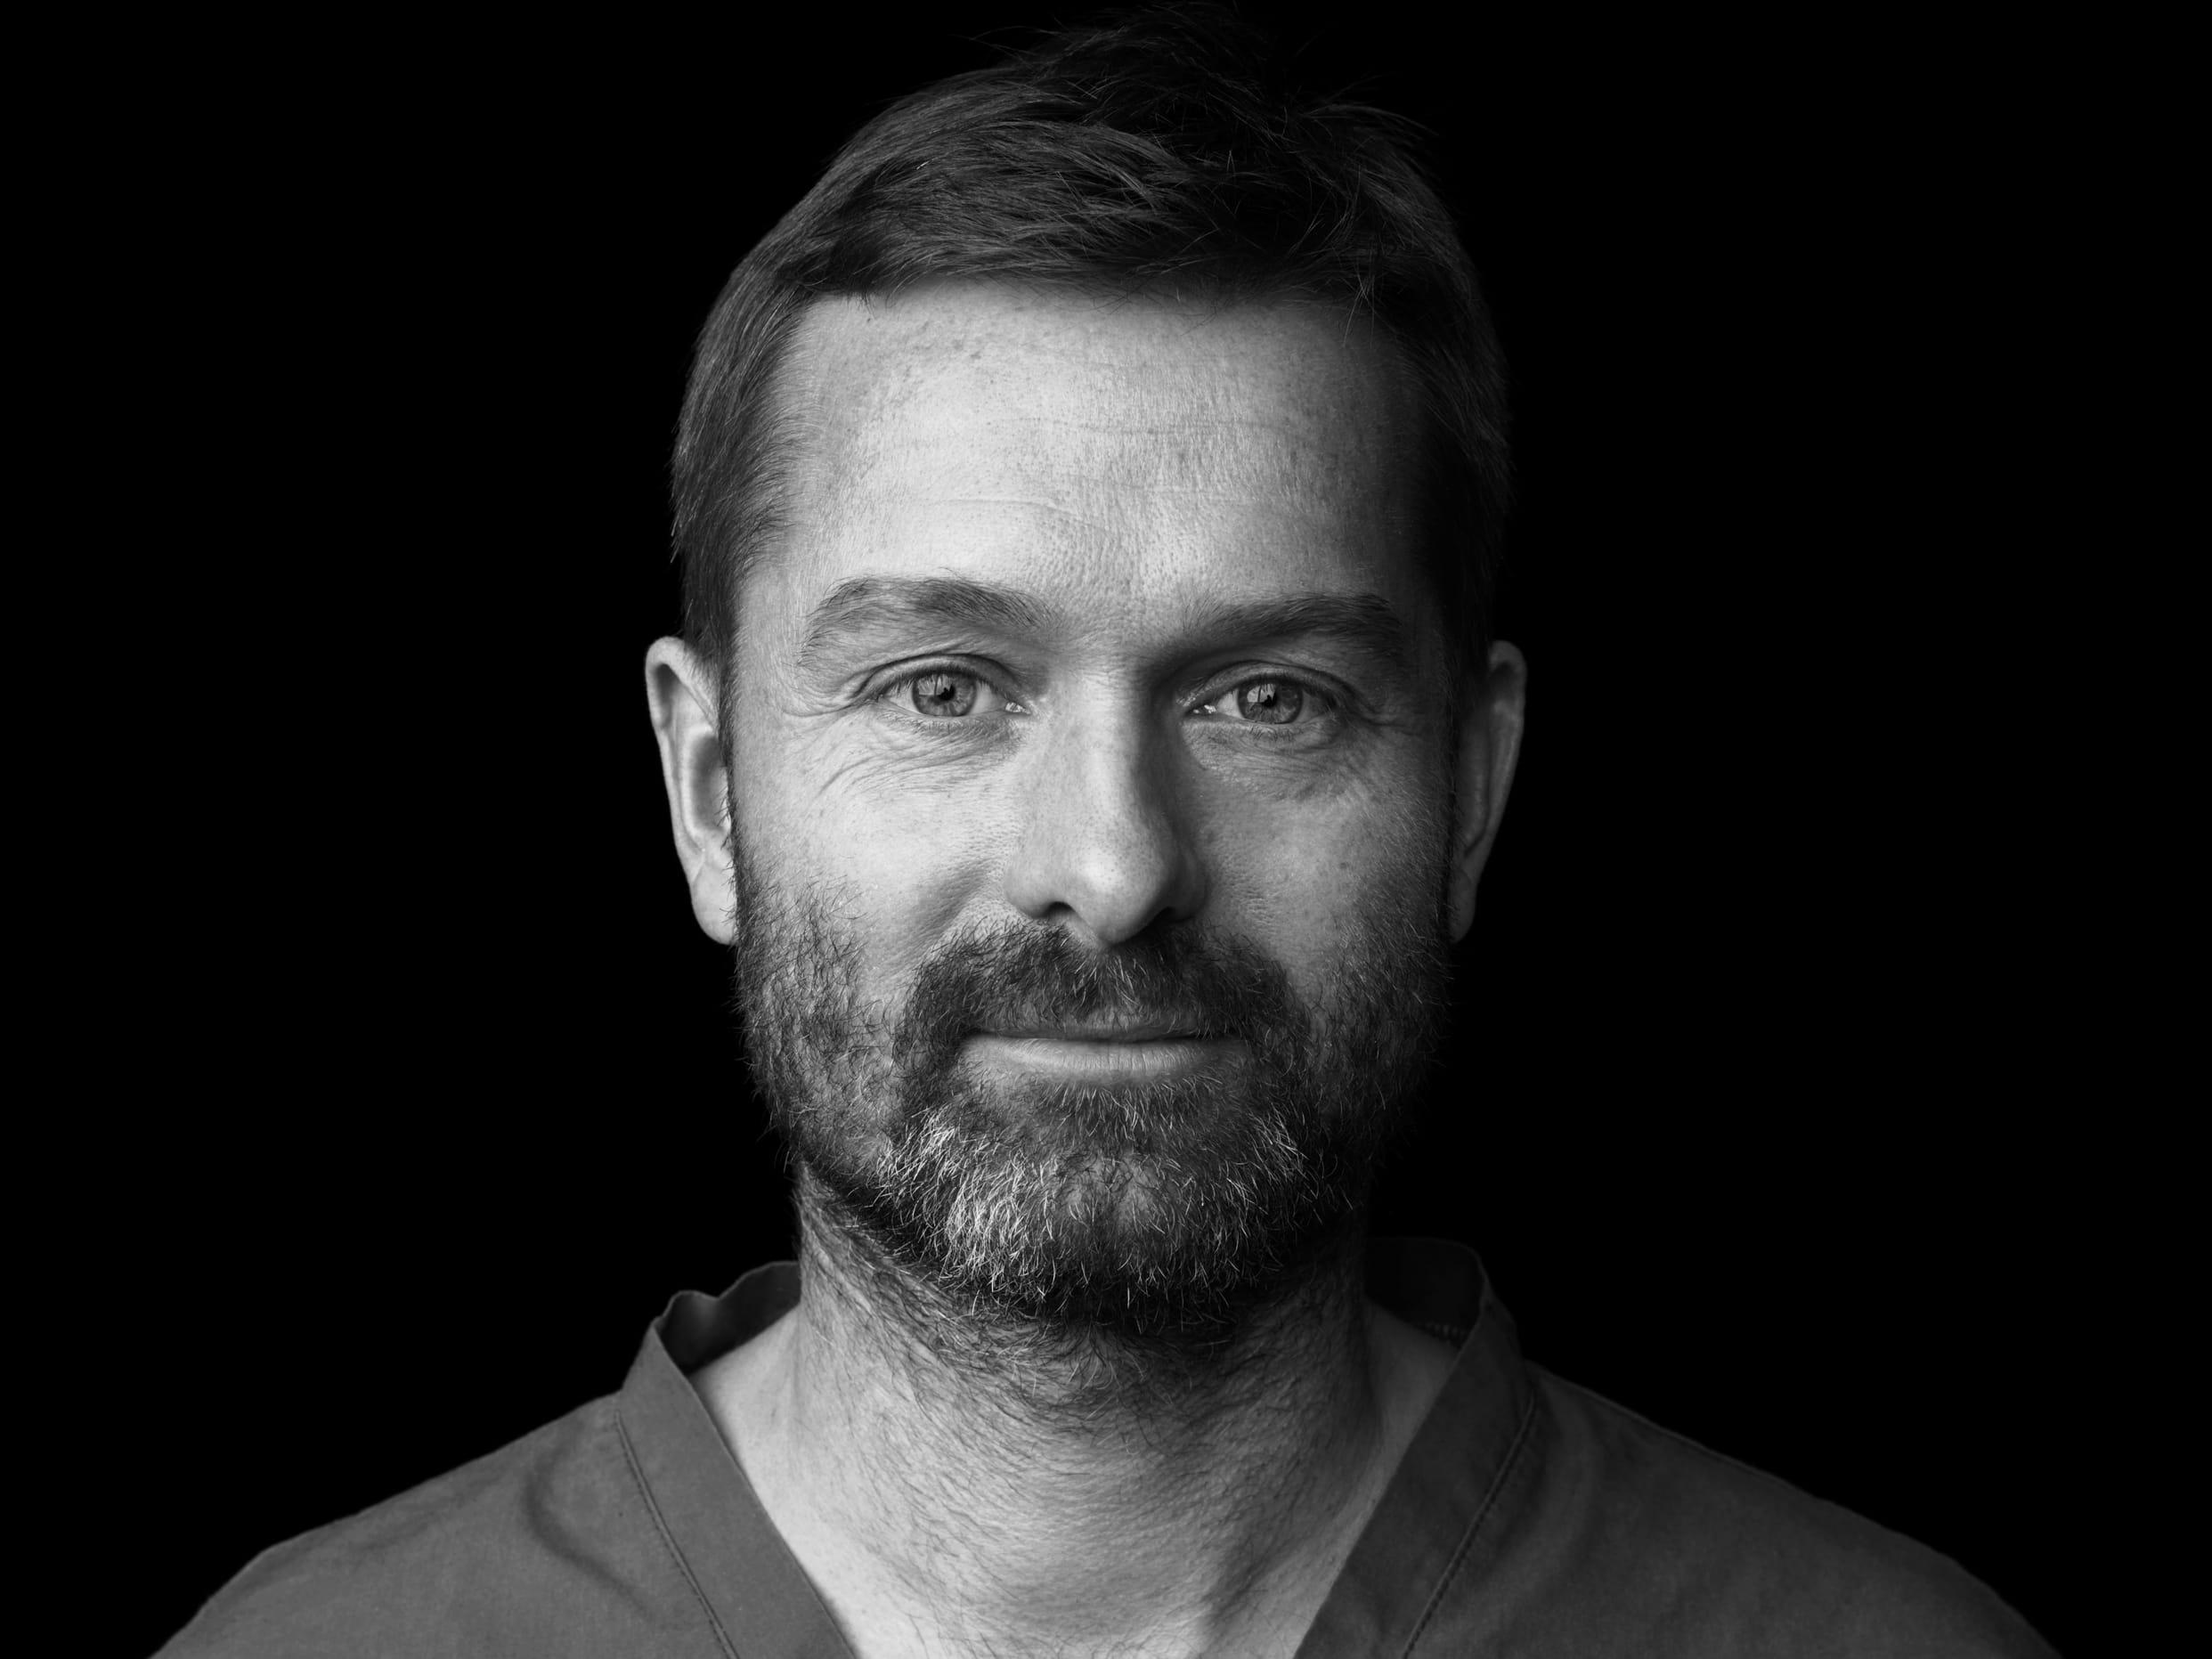 Søren Aksel Christian Krarup